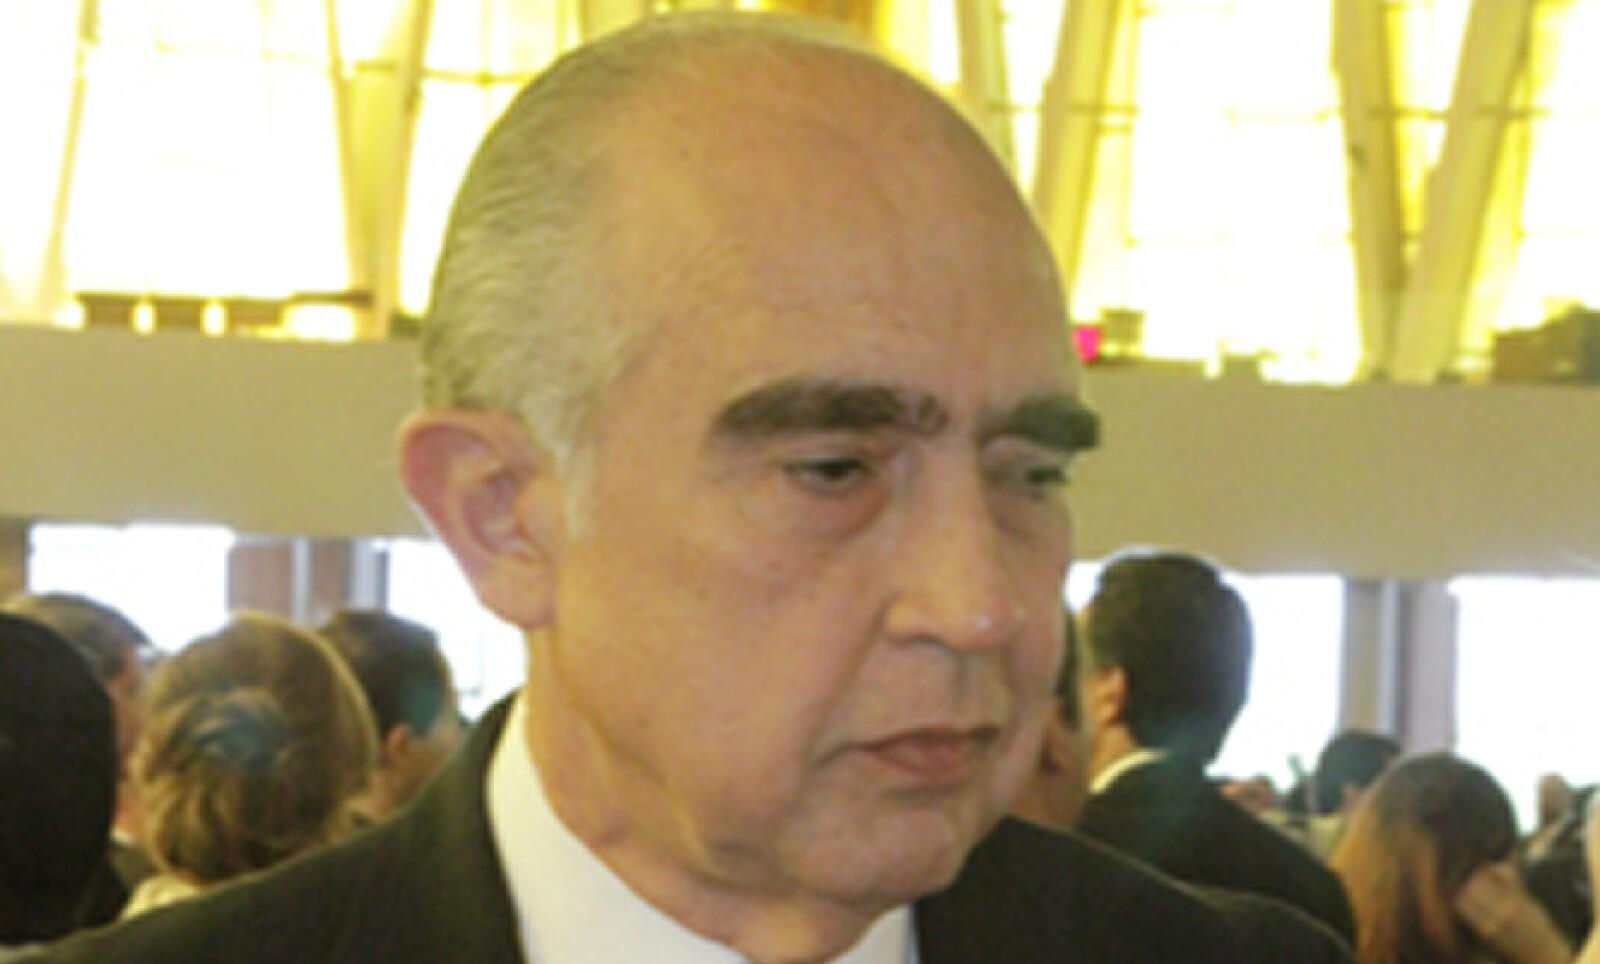 Fernando Canales Clariond, ex gobernador de Nuevo León, destacó la sencillez de quien fuera su amigo en la escuela.